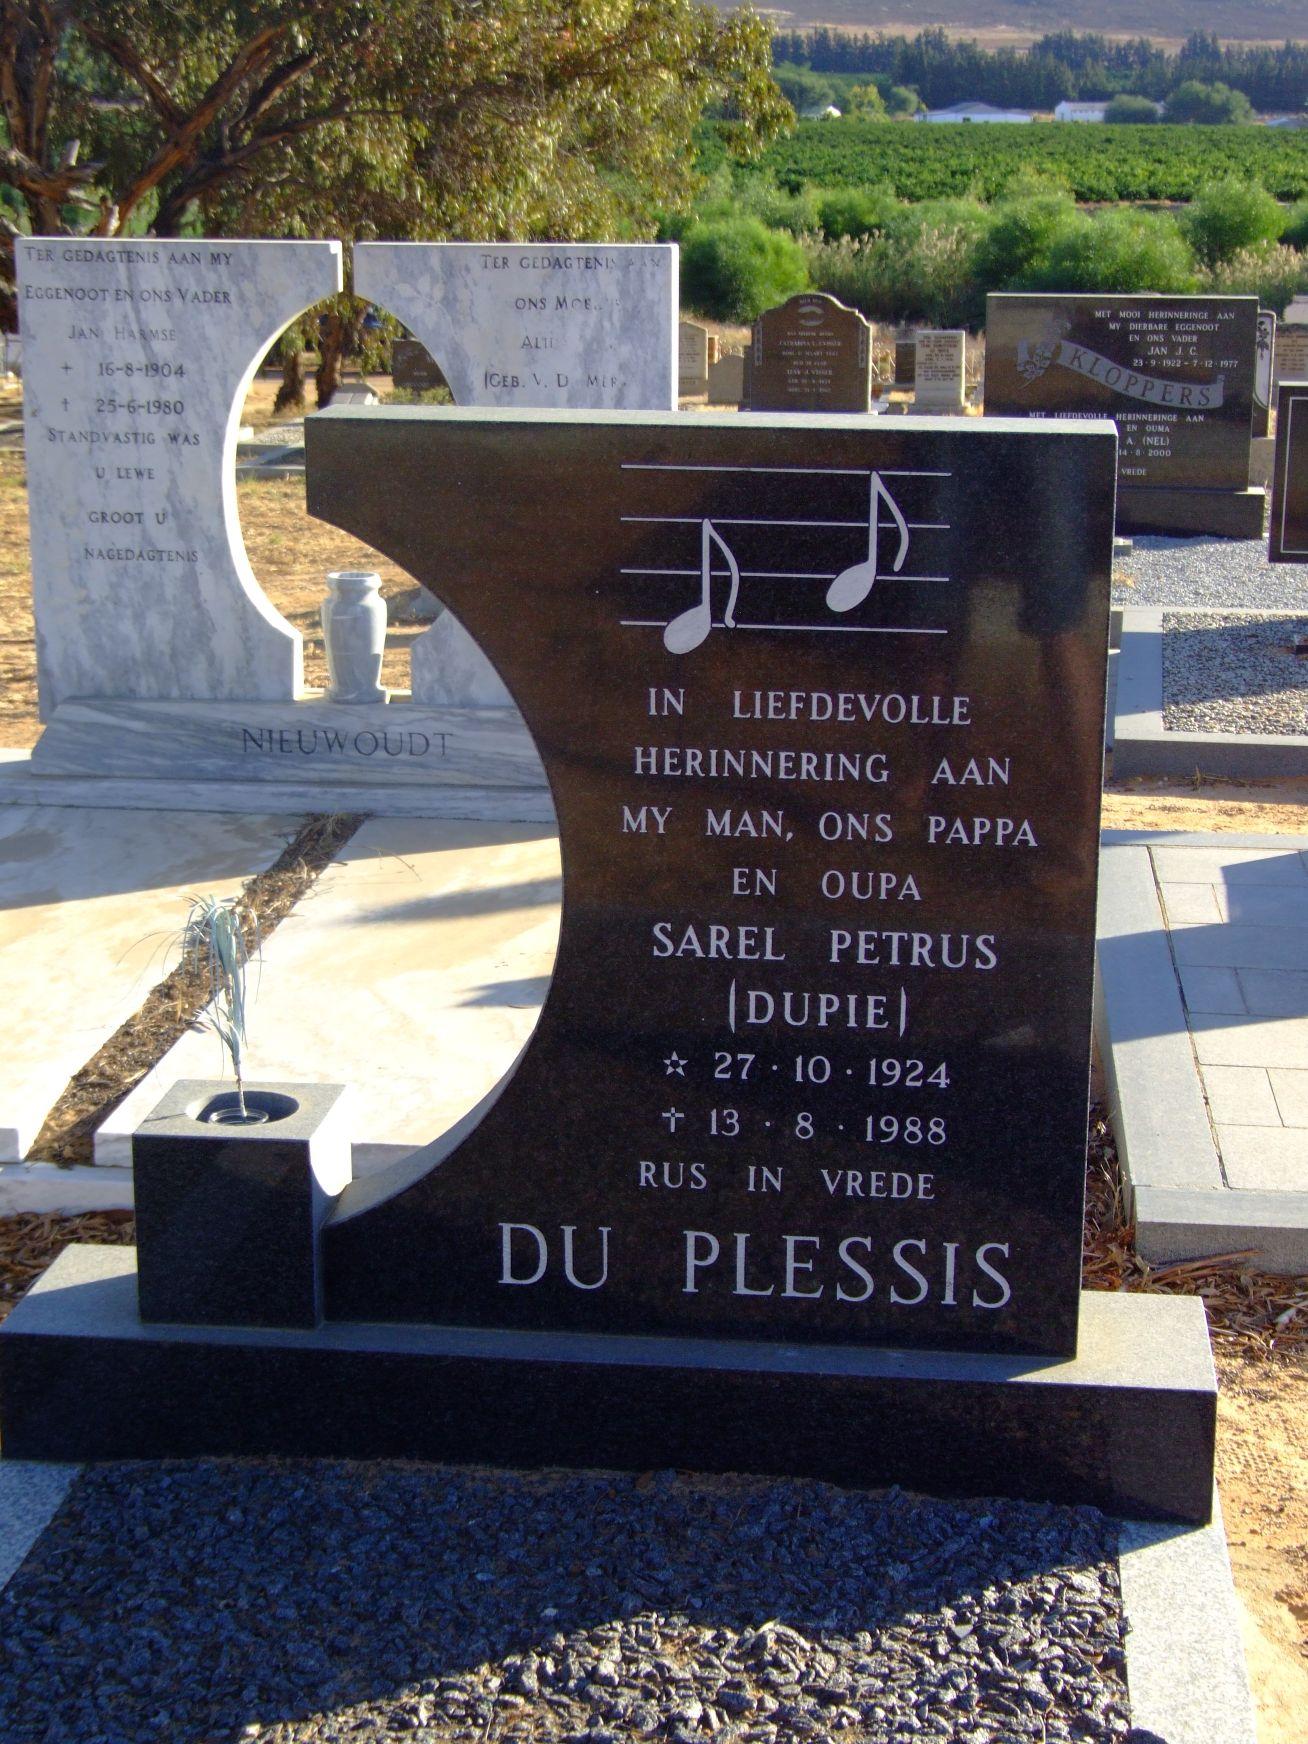 Du Plessis, Sarel Petrus( Dupie)